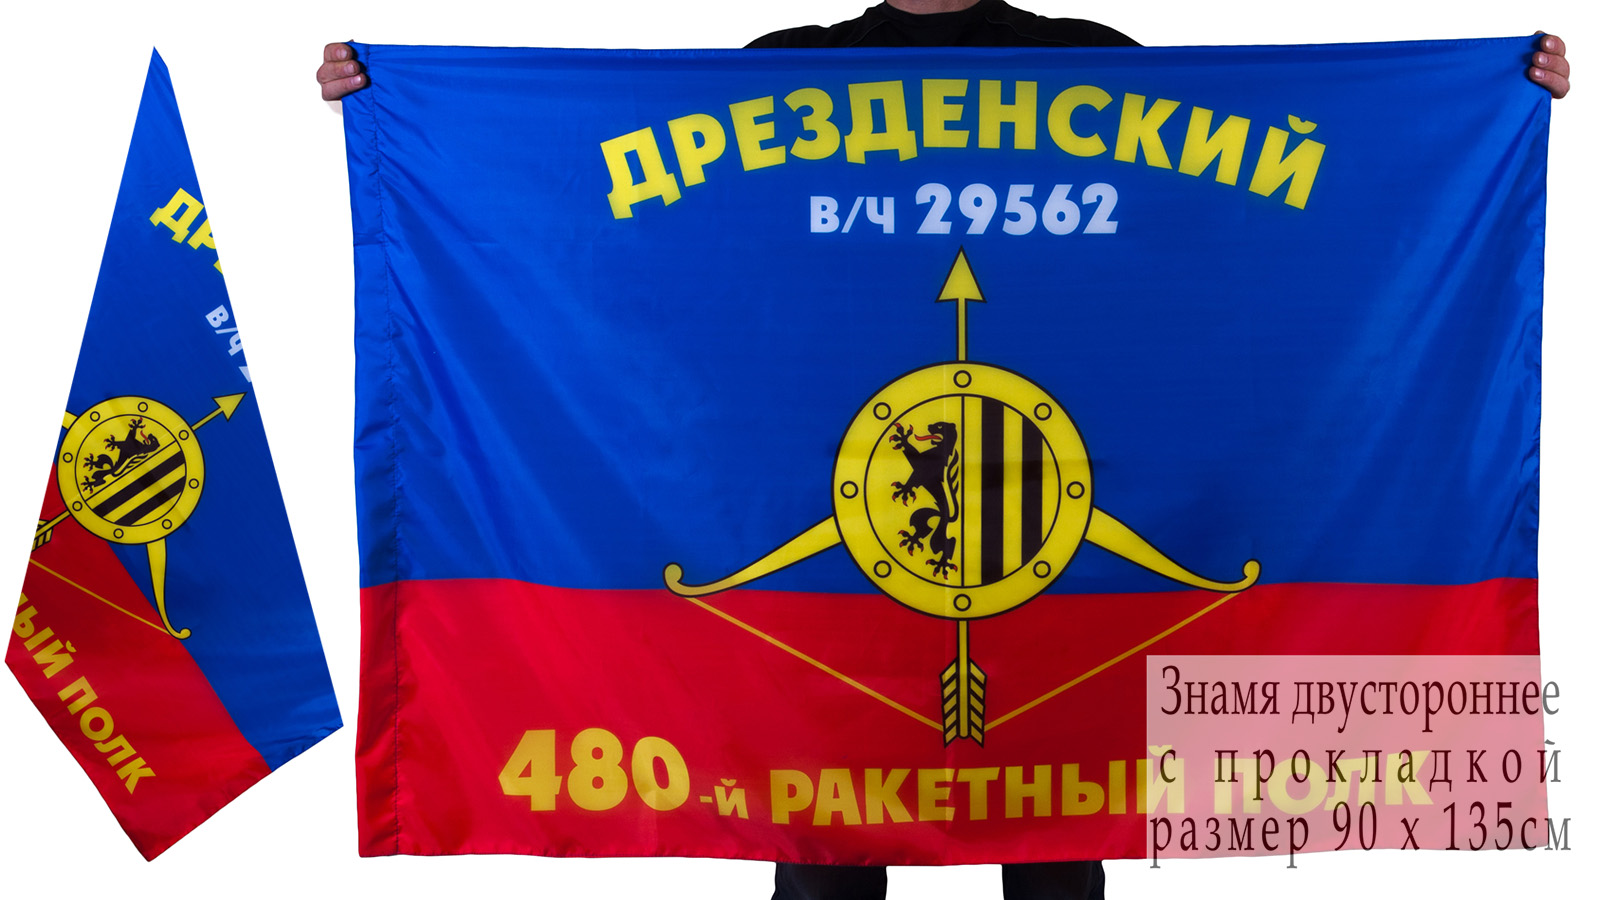 Знамя 480-го ракетного полка РВСН